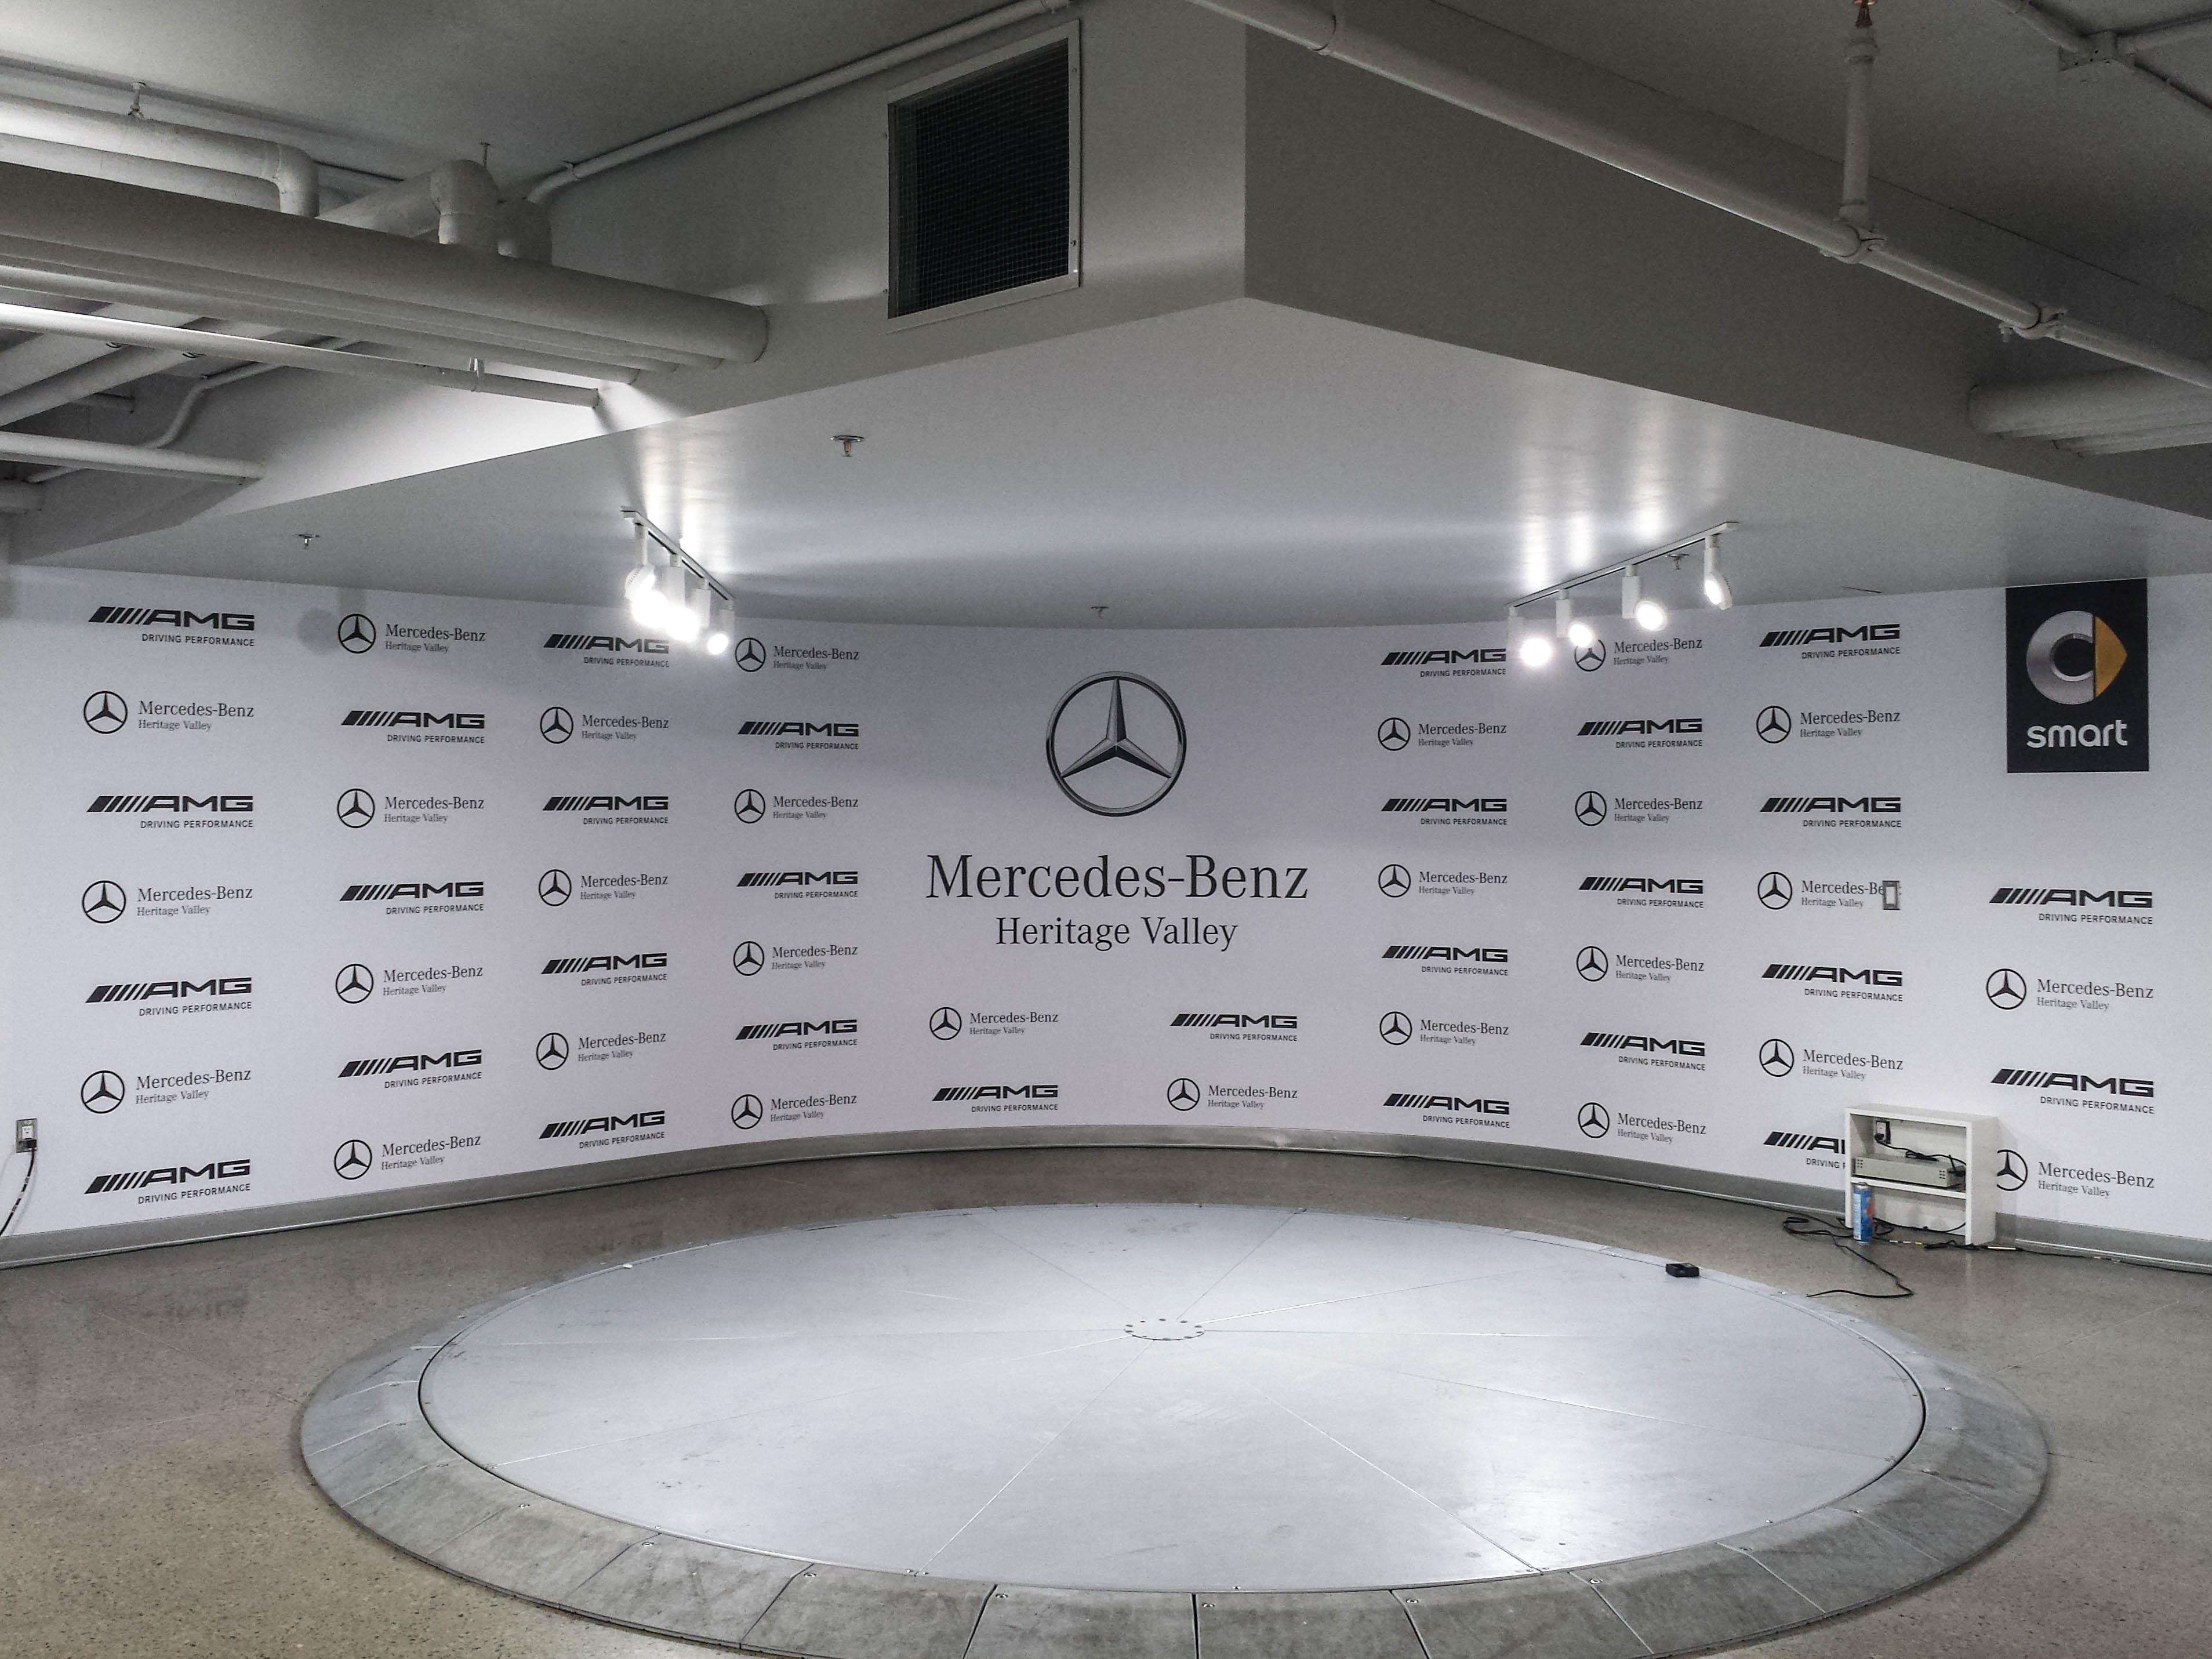 Mercedes Benz wall mural.